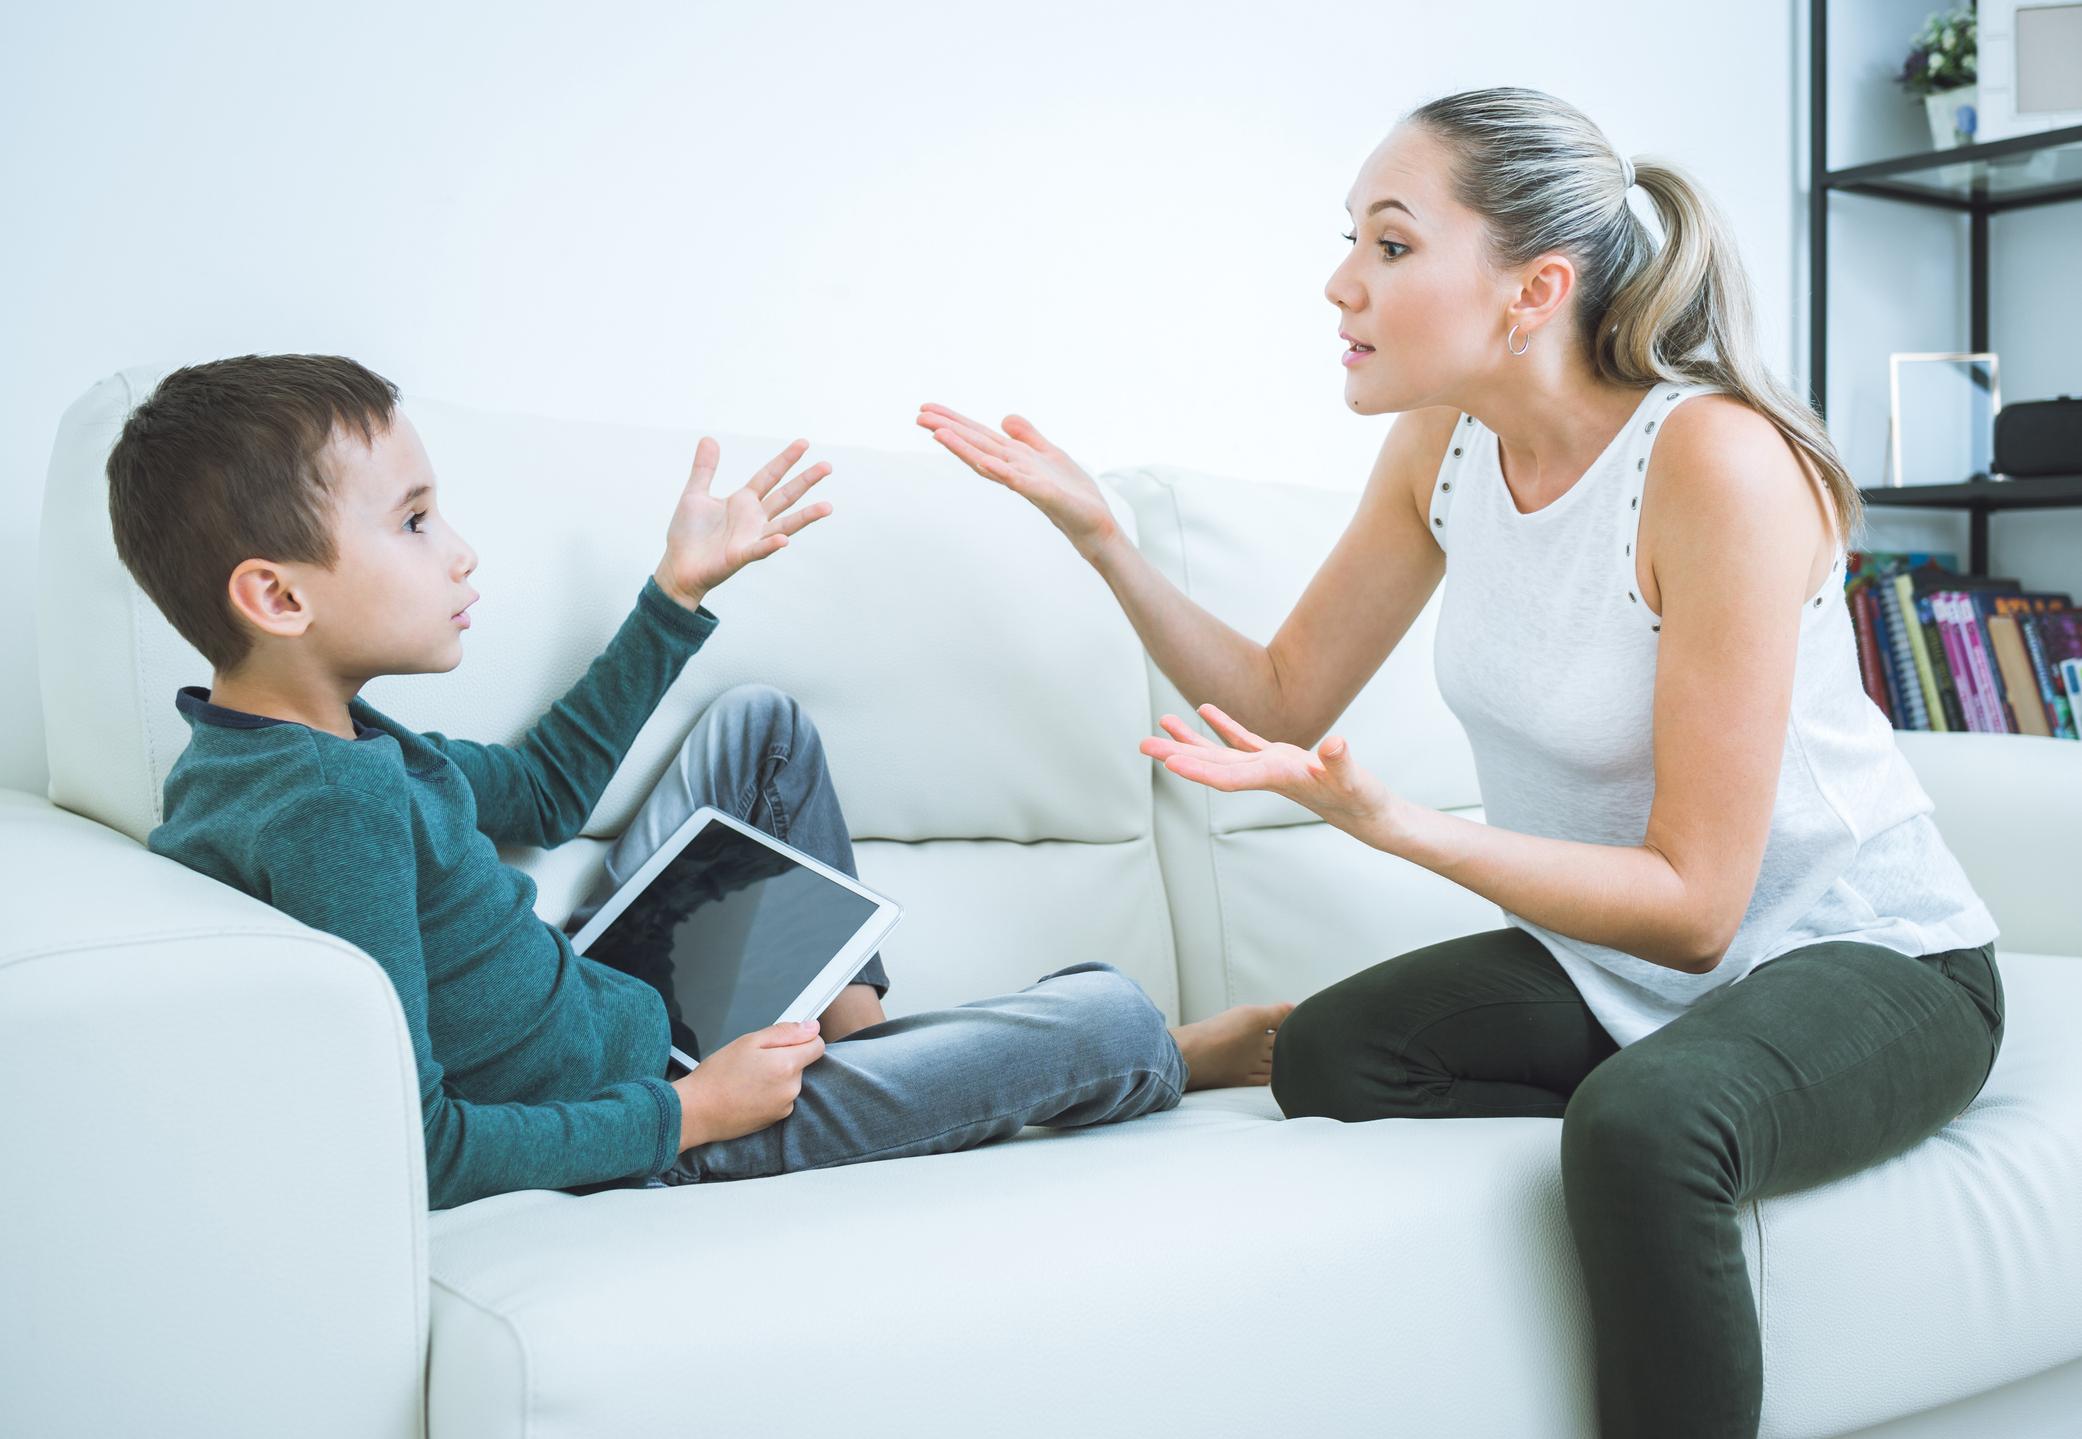 Ponašanje, vrijednosti i stajališta roditelja i drugih odraslih osoba imaju velik utjecaj na djecu.